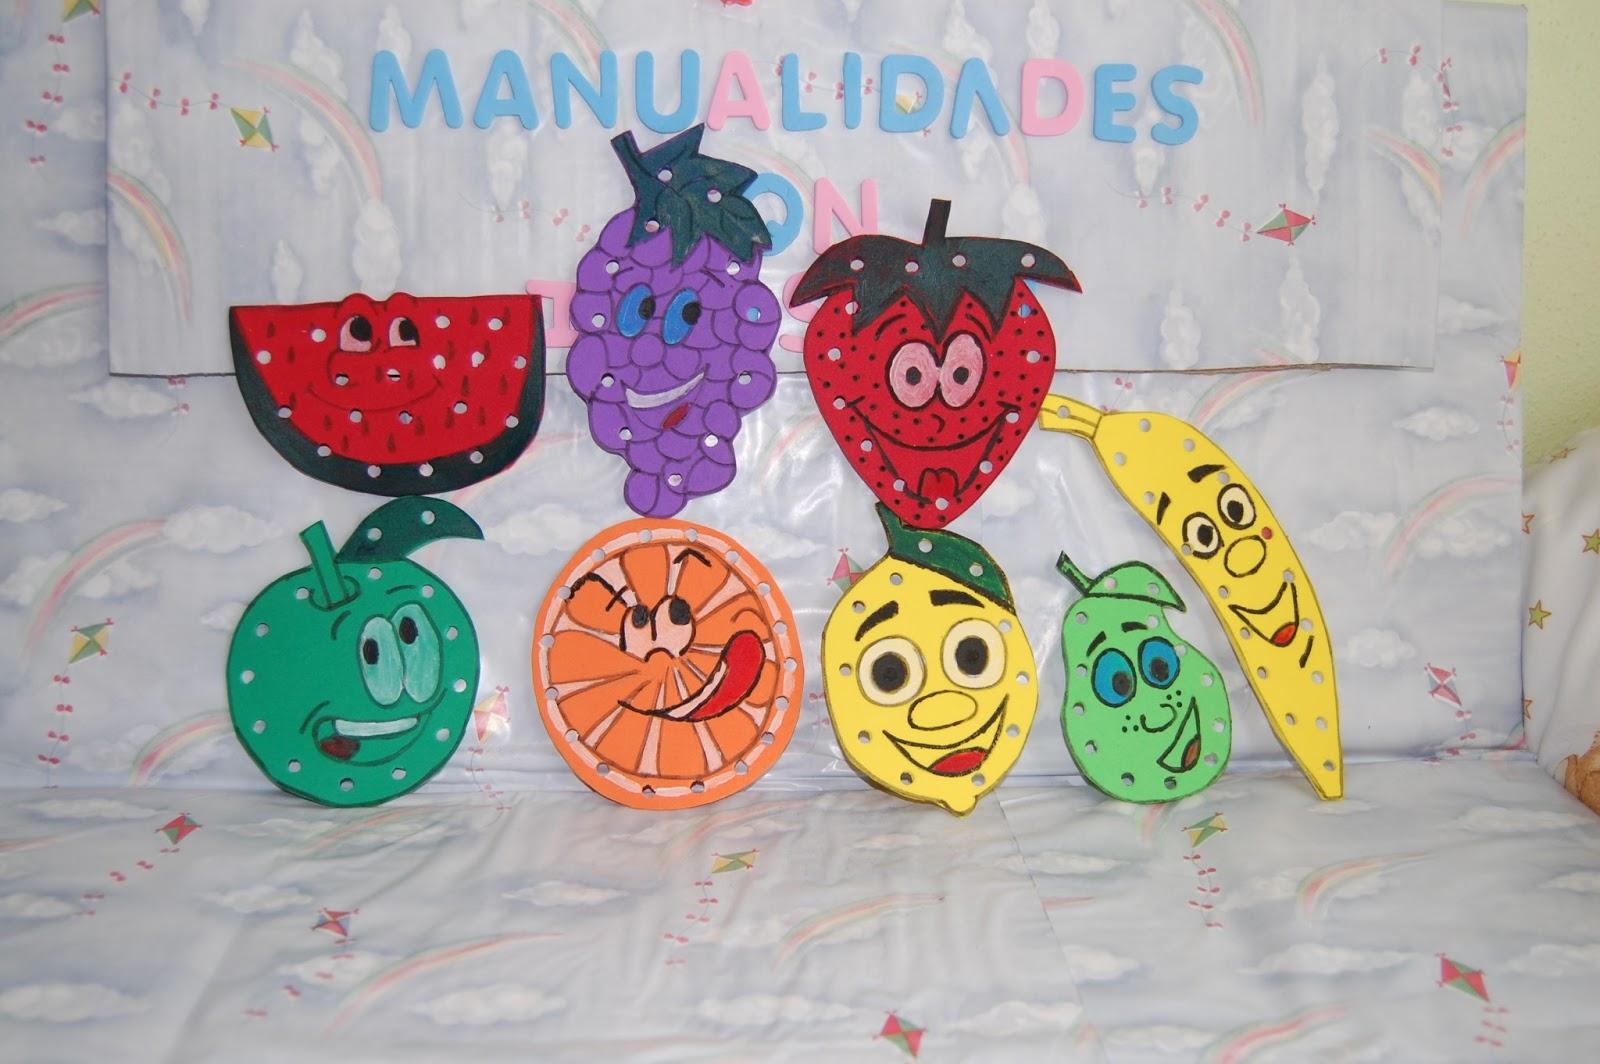 Manualidades con ilusion coser frutas - Manualidades con cajas de frutas ...